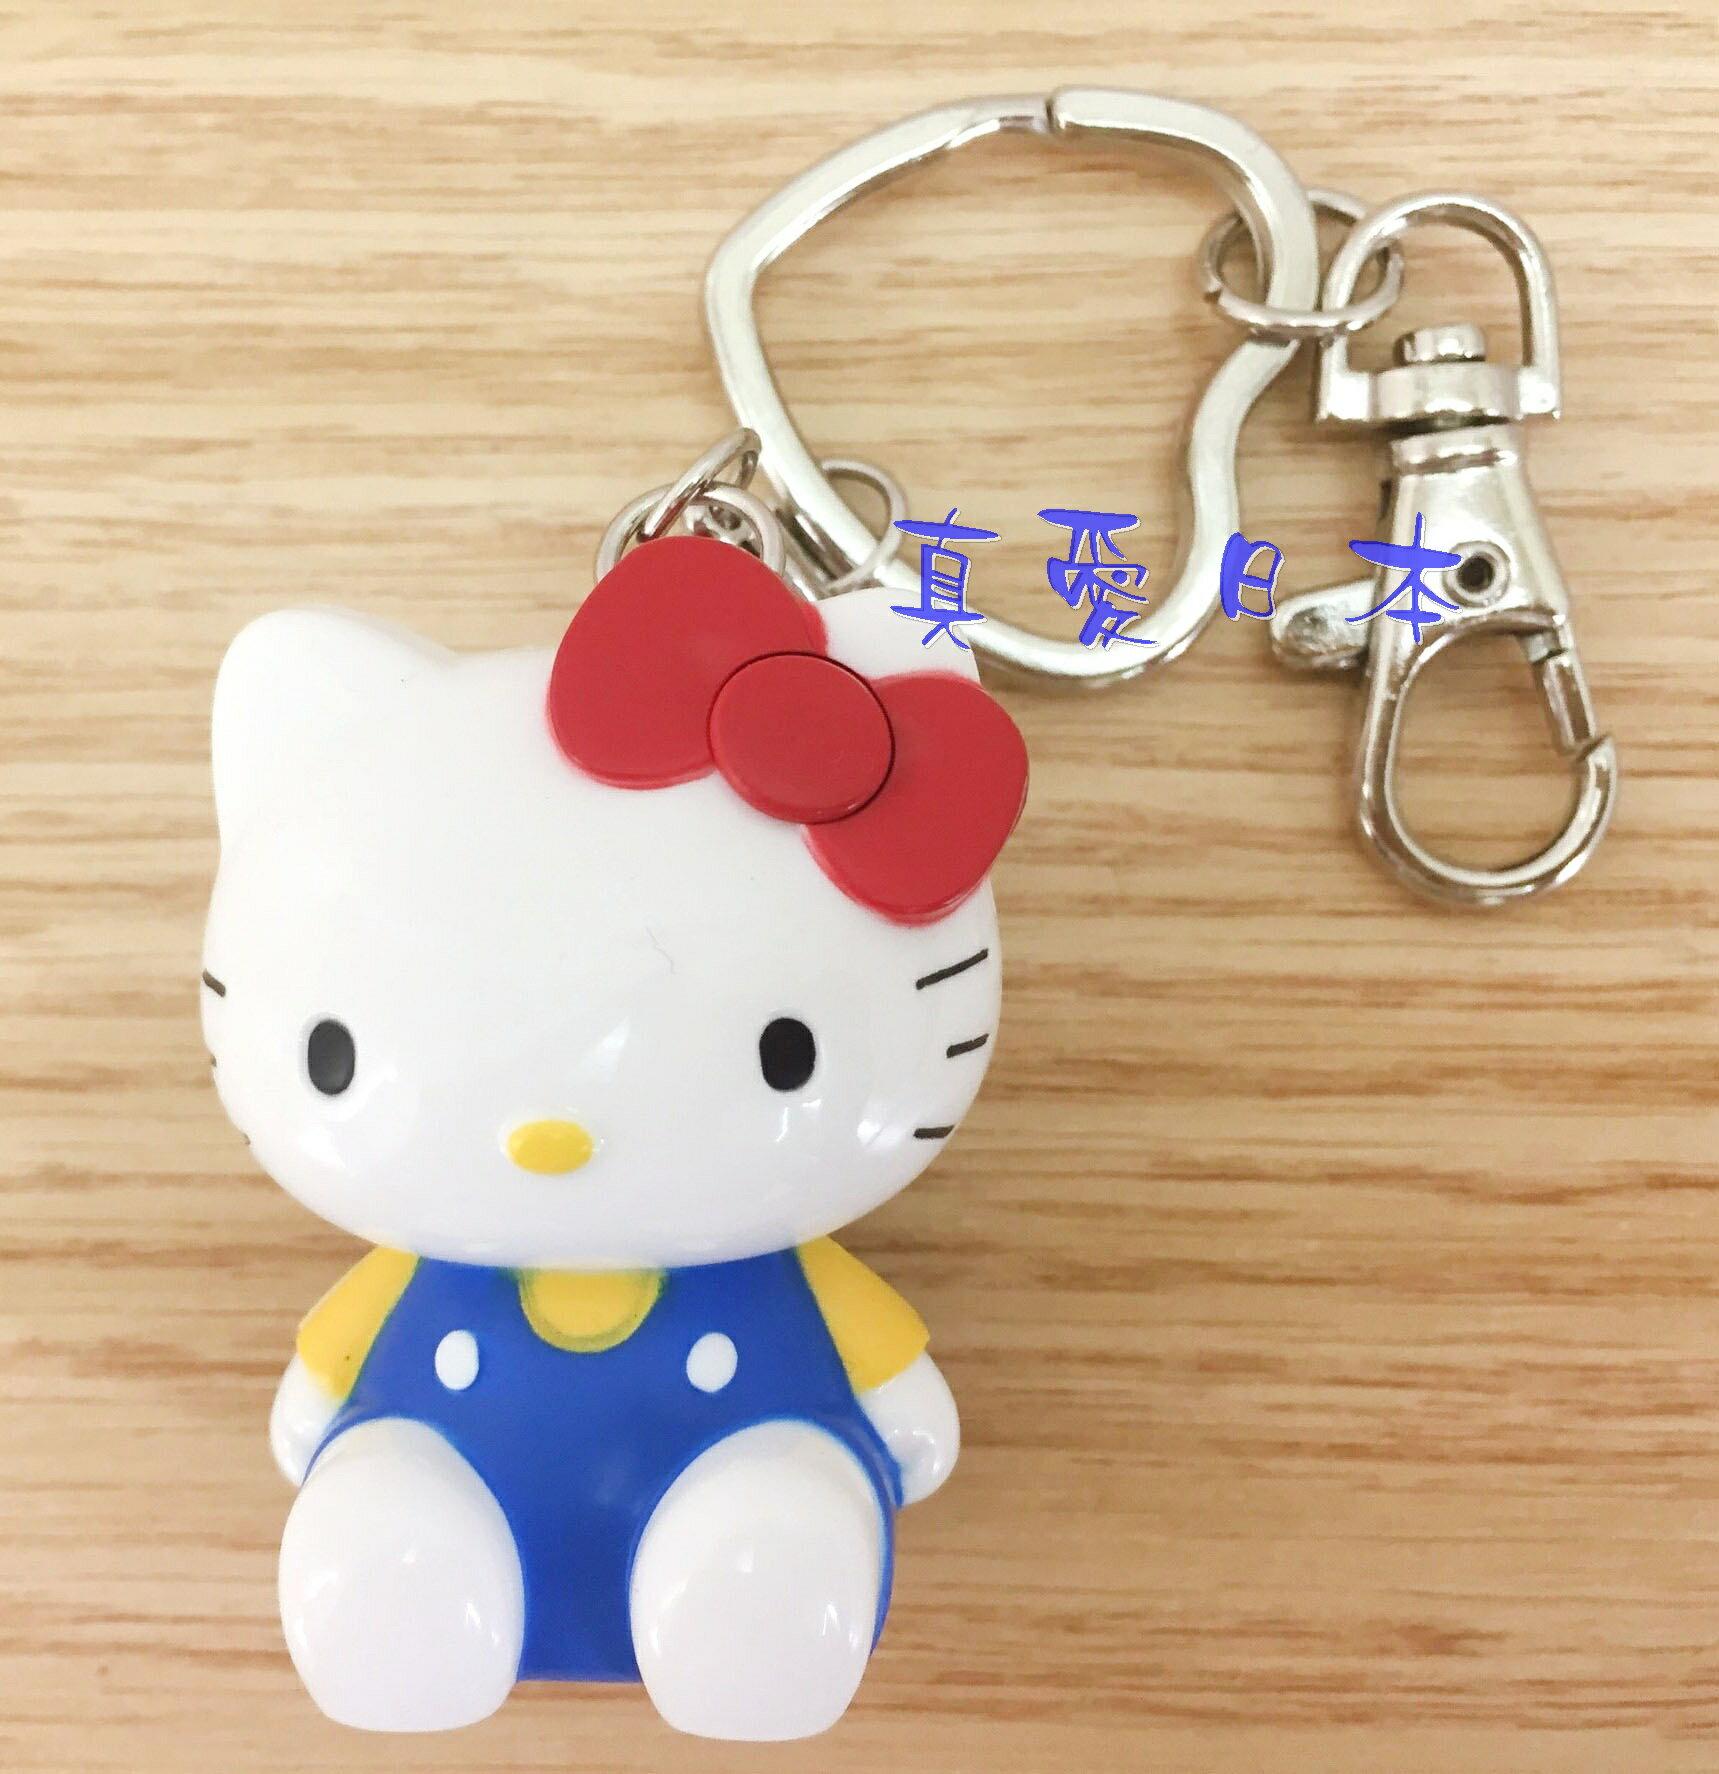 【真愛日本】16070100003音樂LED鑰匙圈吊飾-坐姿藍 三麗鷗 Hello Kitty 凱蒂貓 鑰匙圈 吊飾 音樂鈴